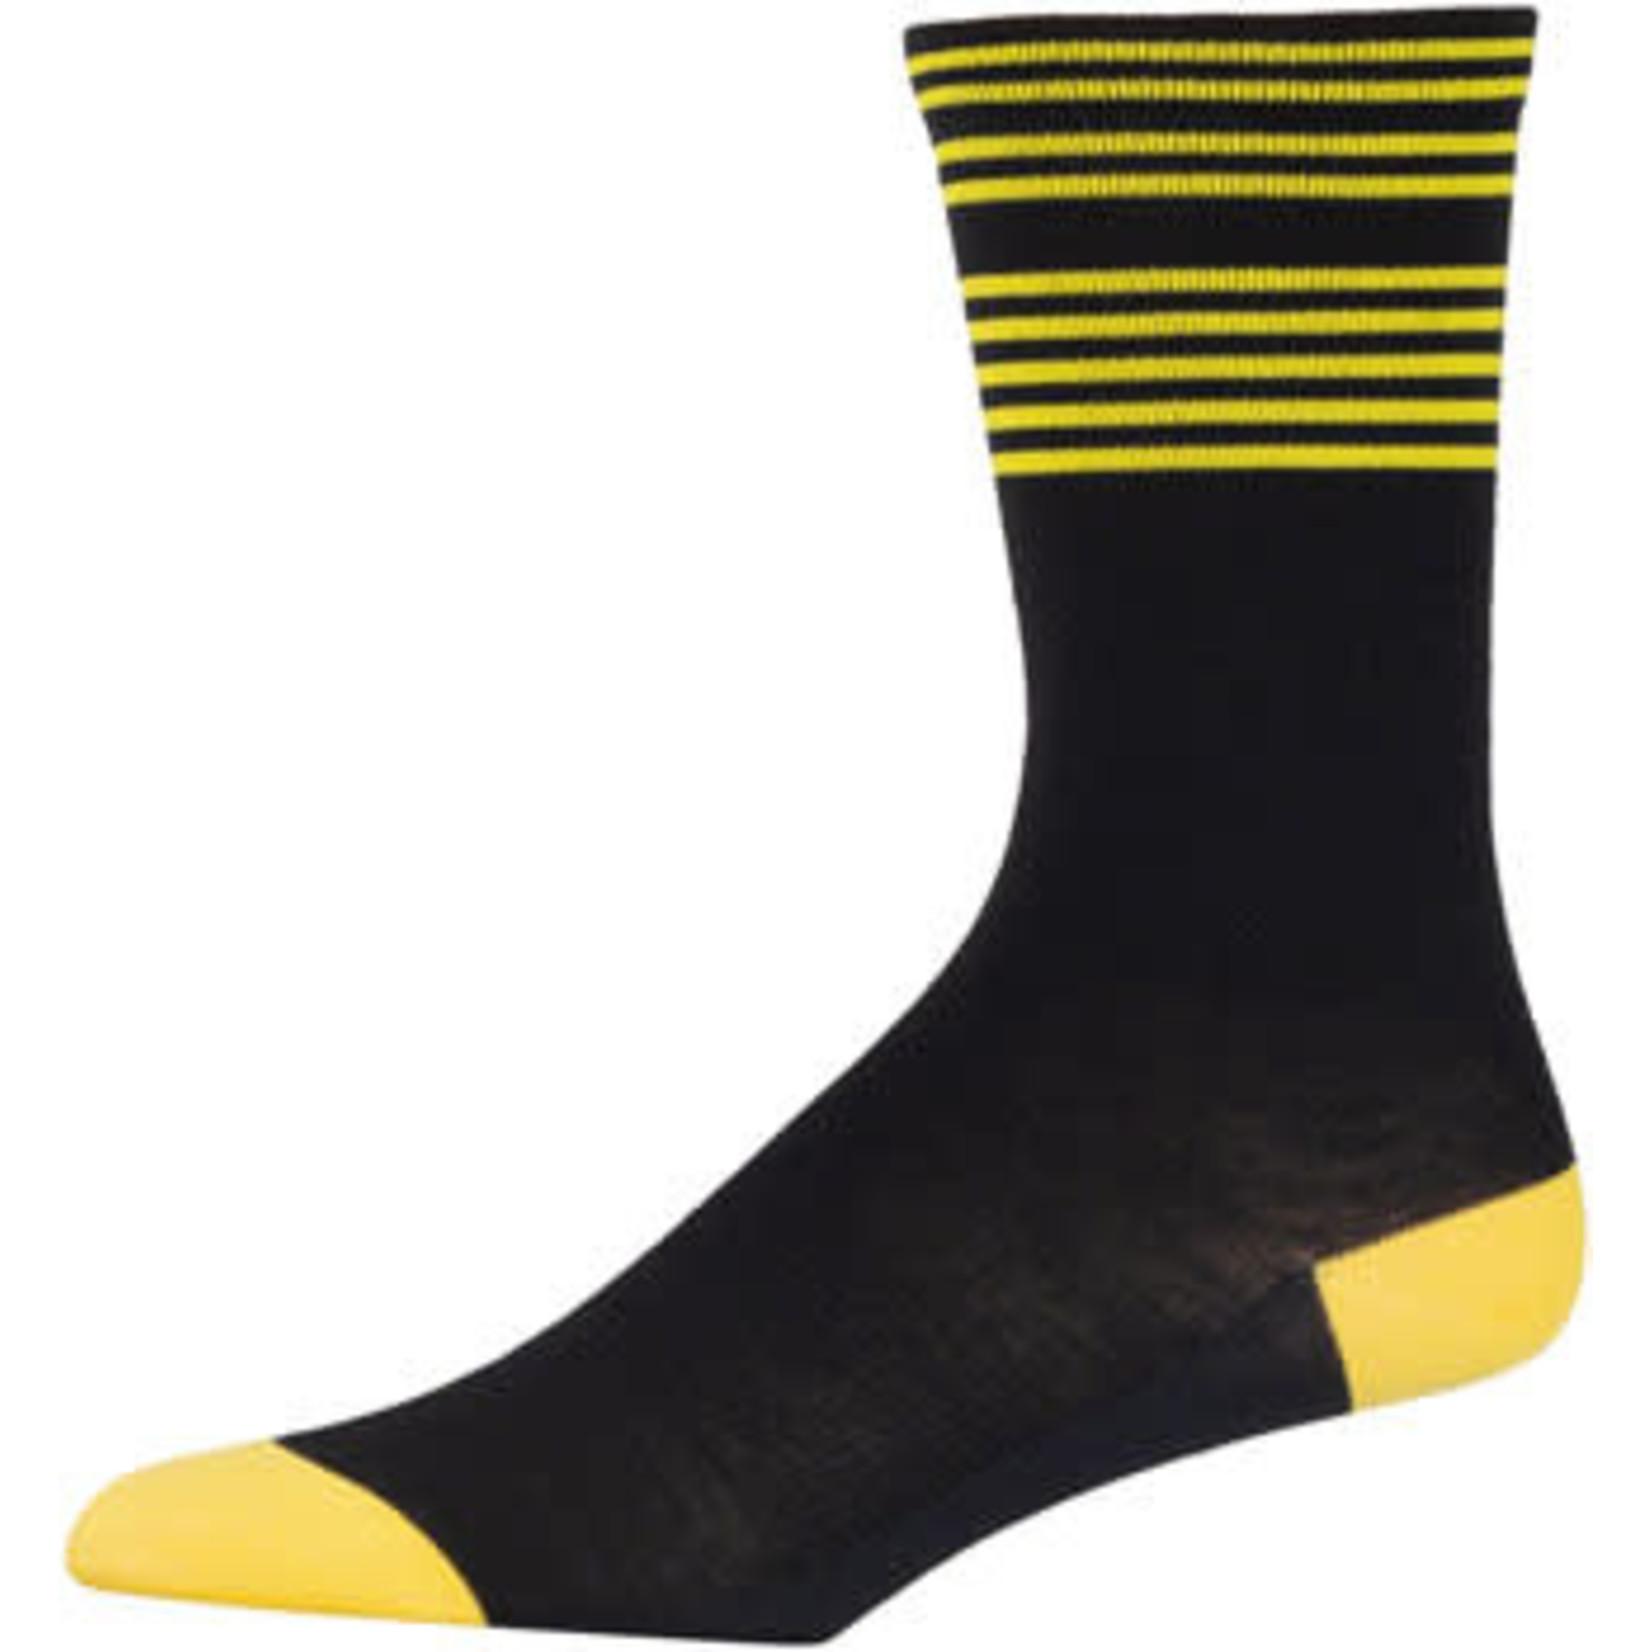 45NRTH 45NRTH Lightweight Sock